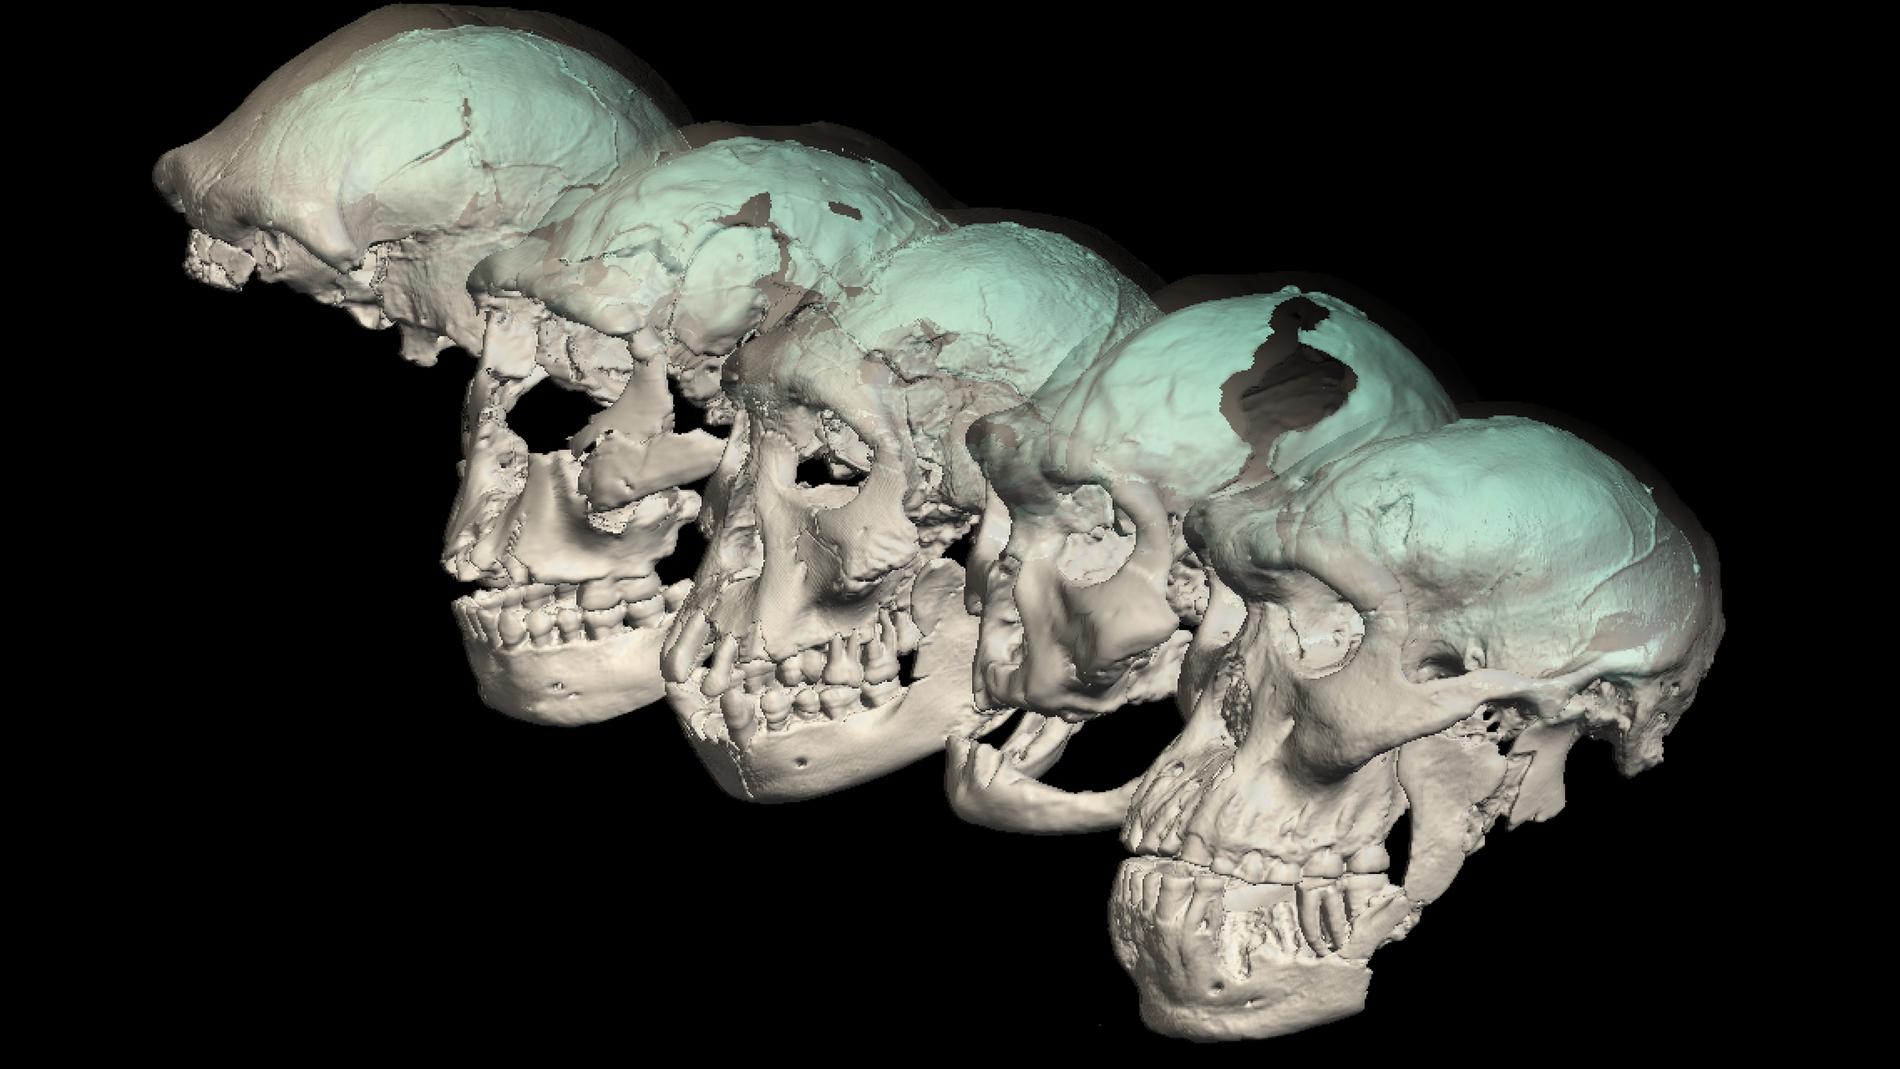 Los rasgos que distinguen al cerebro humano moderno surgieron despues de su dispersion desde Africa